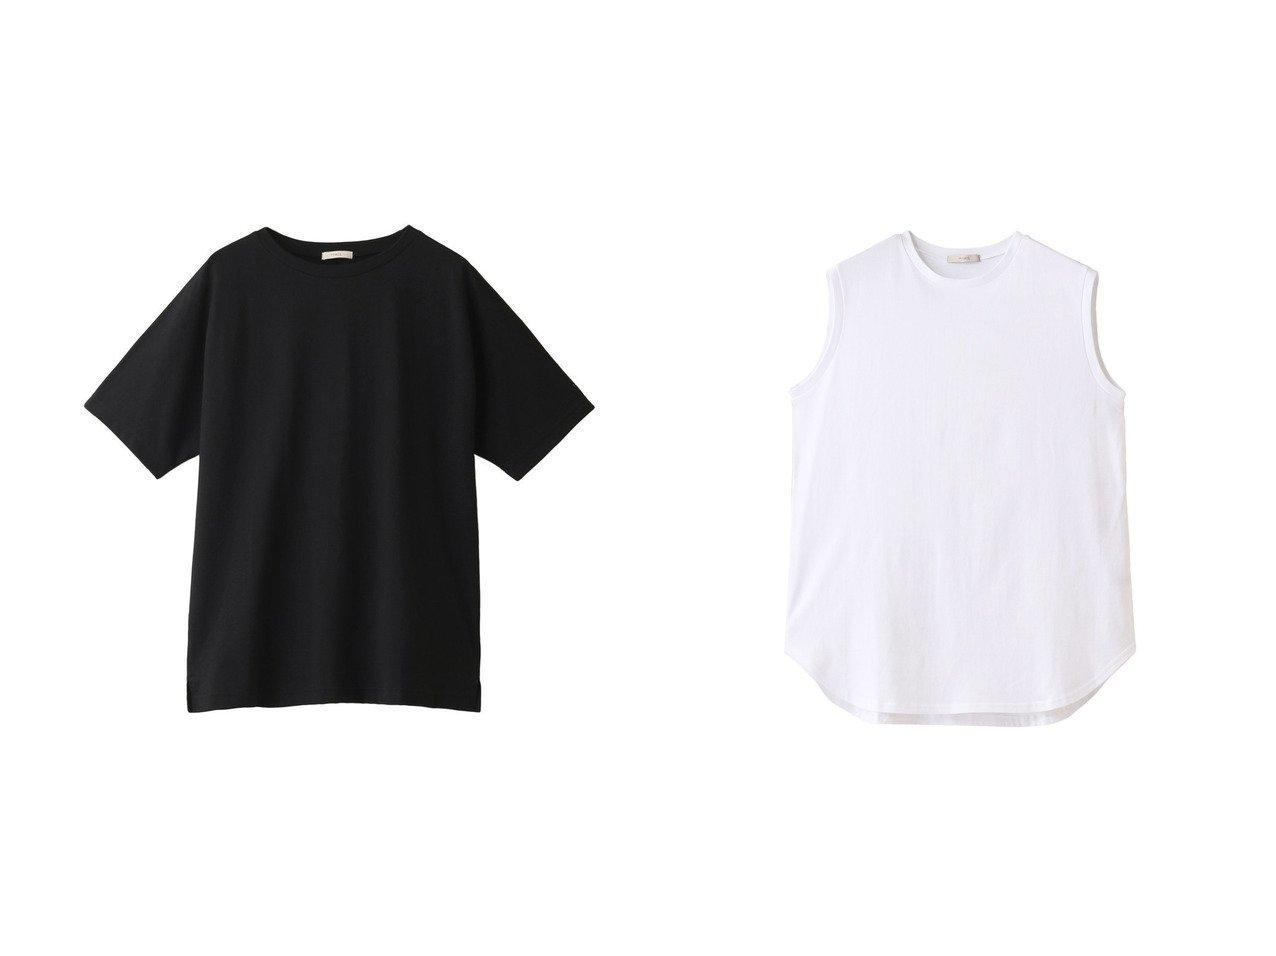 【LE PHIL/ル フィル】のギザンディコットンノースリーブ&ギザンディコットンTシャツ トップス・カットソーのおすすめ!人気トレンド・レディースファッションの通販 おすすめで人気の流行・トレンド、ファッションの通販商品 メンズファッション・キッズファッション・インテリア・家具・レディースファッション・服の通販 founy(ファニー) https://founy.com/ ファッション Fashion レディースファッション WOMEN トップス カットソー Tops Tshirt シャツ/ブラウス Shirts Blouses ロング / Tシャツ T-Shirts カットソー Cut and Sewn キャミソール / ノースリーブ No Sleeves 2021年 2021 2021 春夏 S/S SS Spring/Summer 2021 S/S 春夏 SS Spring/Summer ショート シンプル スリット スリーブ 半袖 春 Spring |ID:crp329100000024084